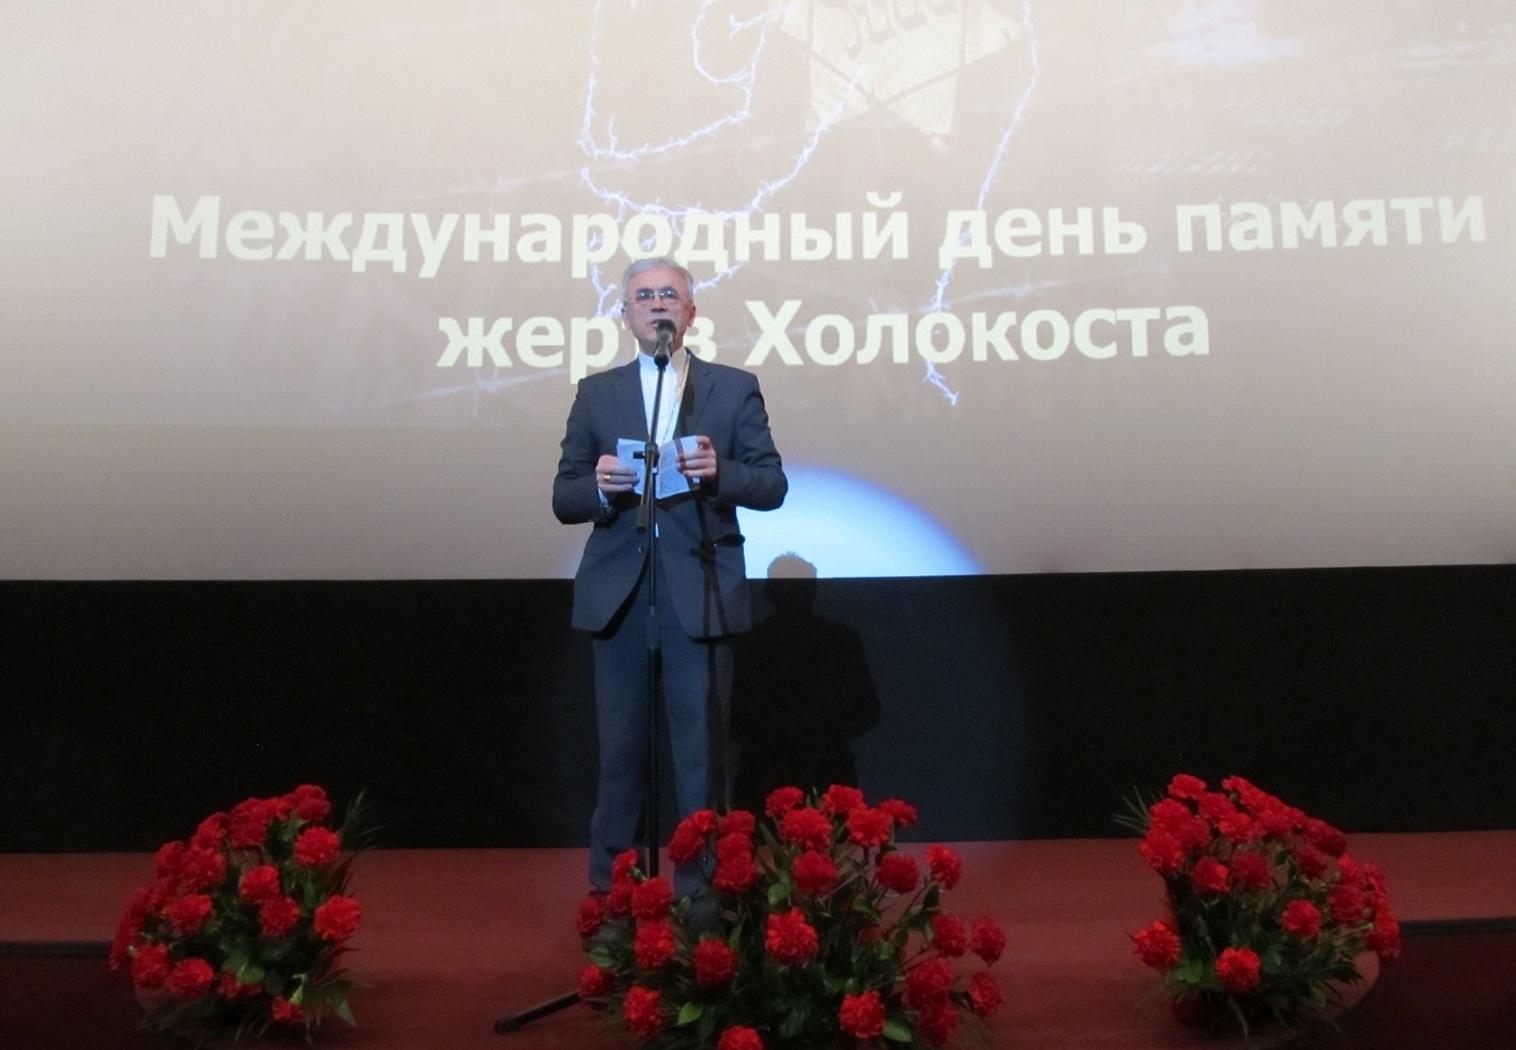 «Мы помним»: в Новосибирске прошел вечер памяти жертв Холокоста